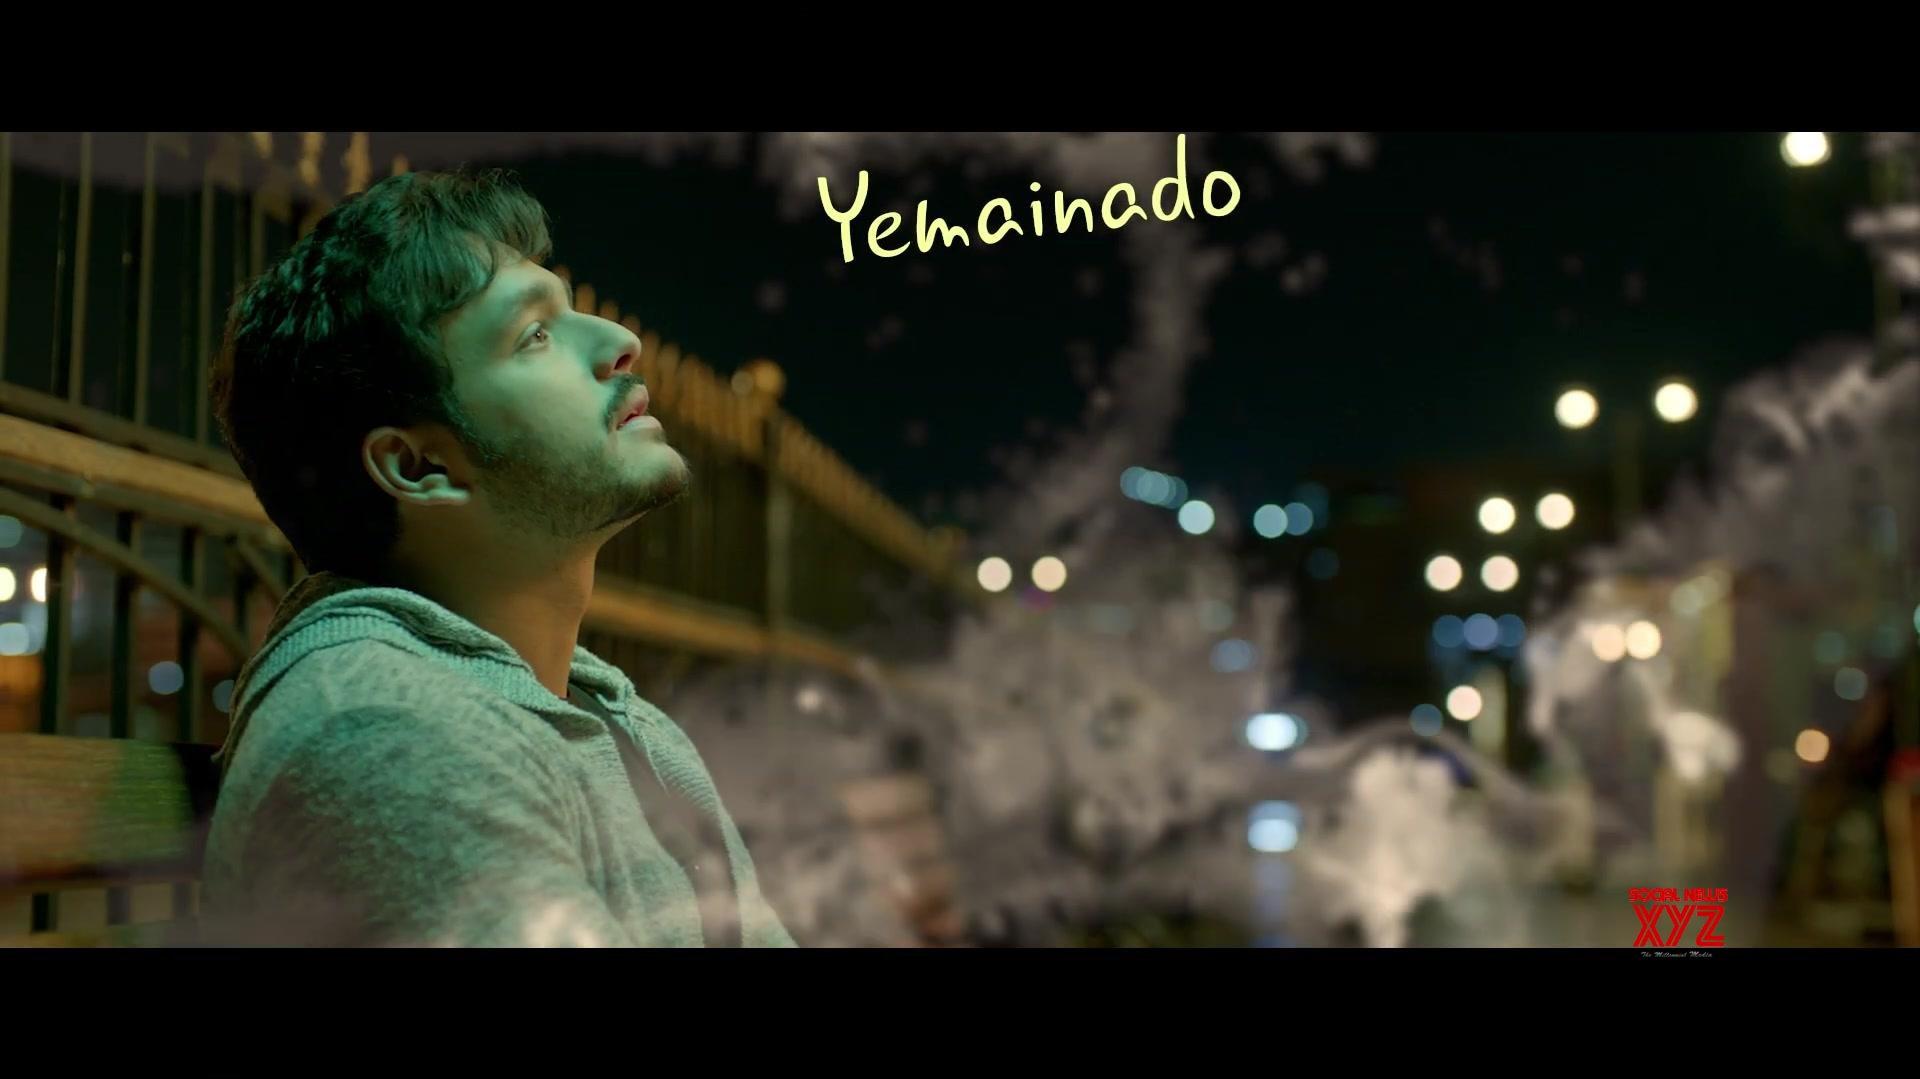 Yemainado Song Stills From Mr.Majnu Movie